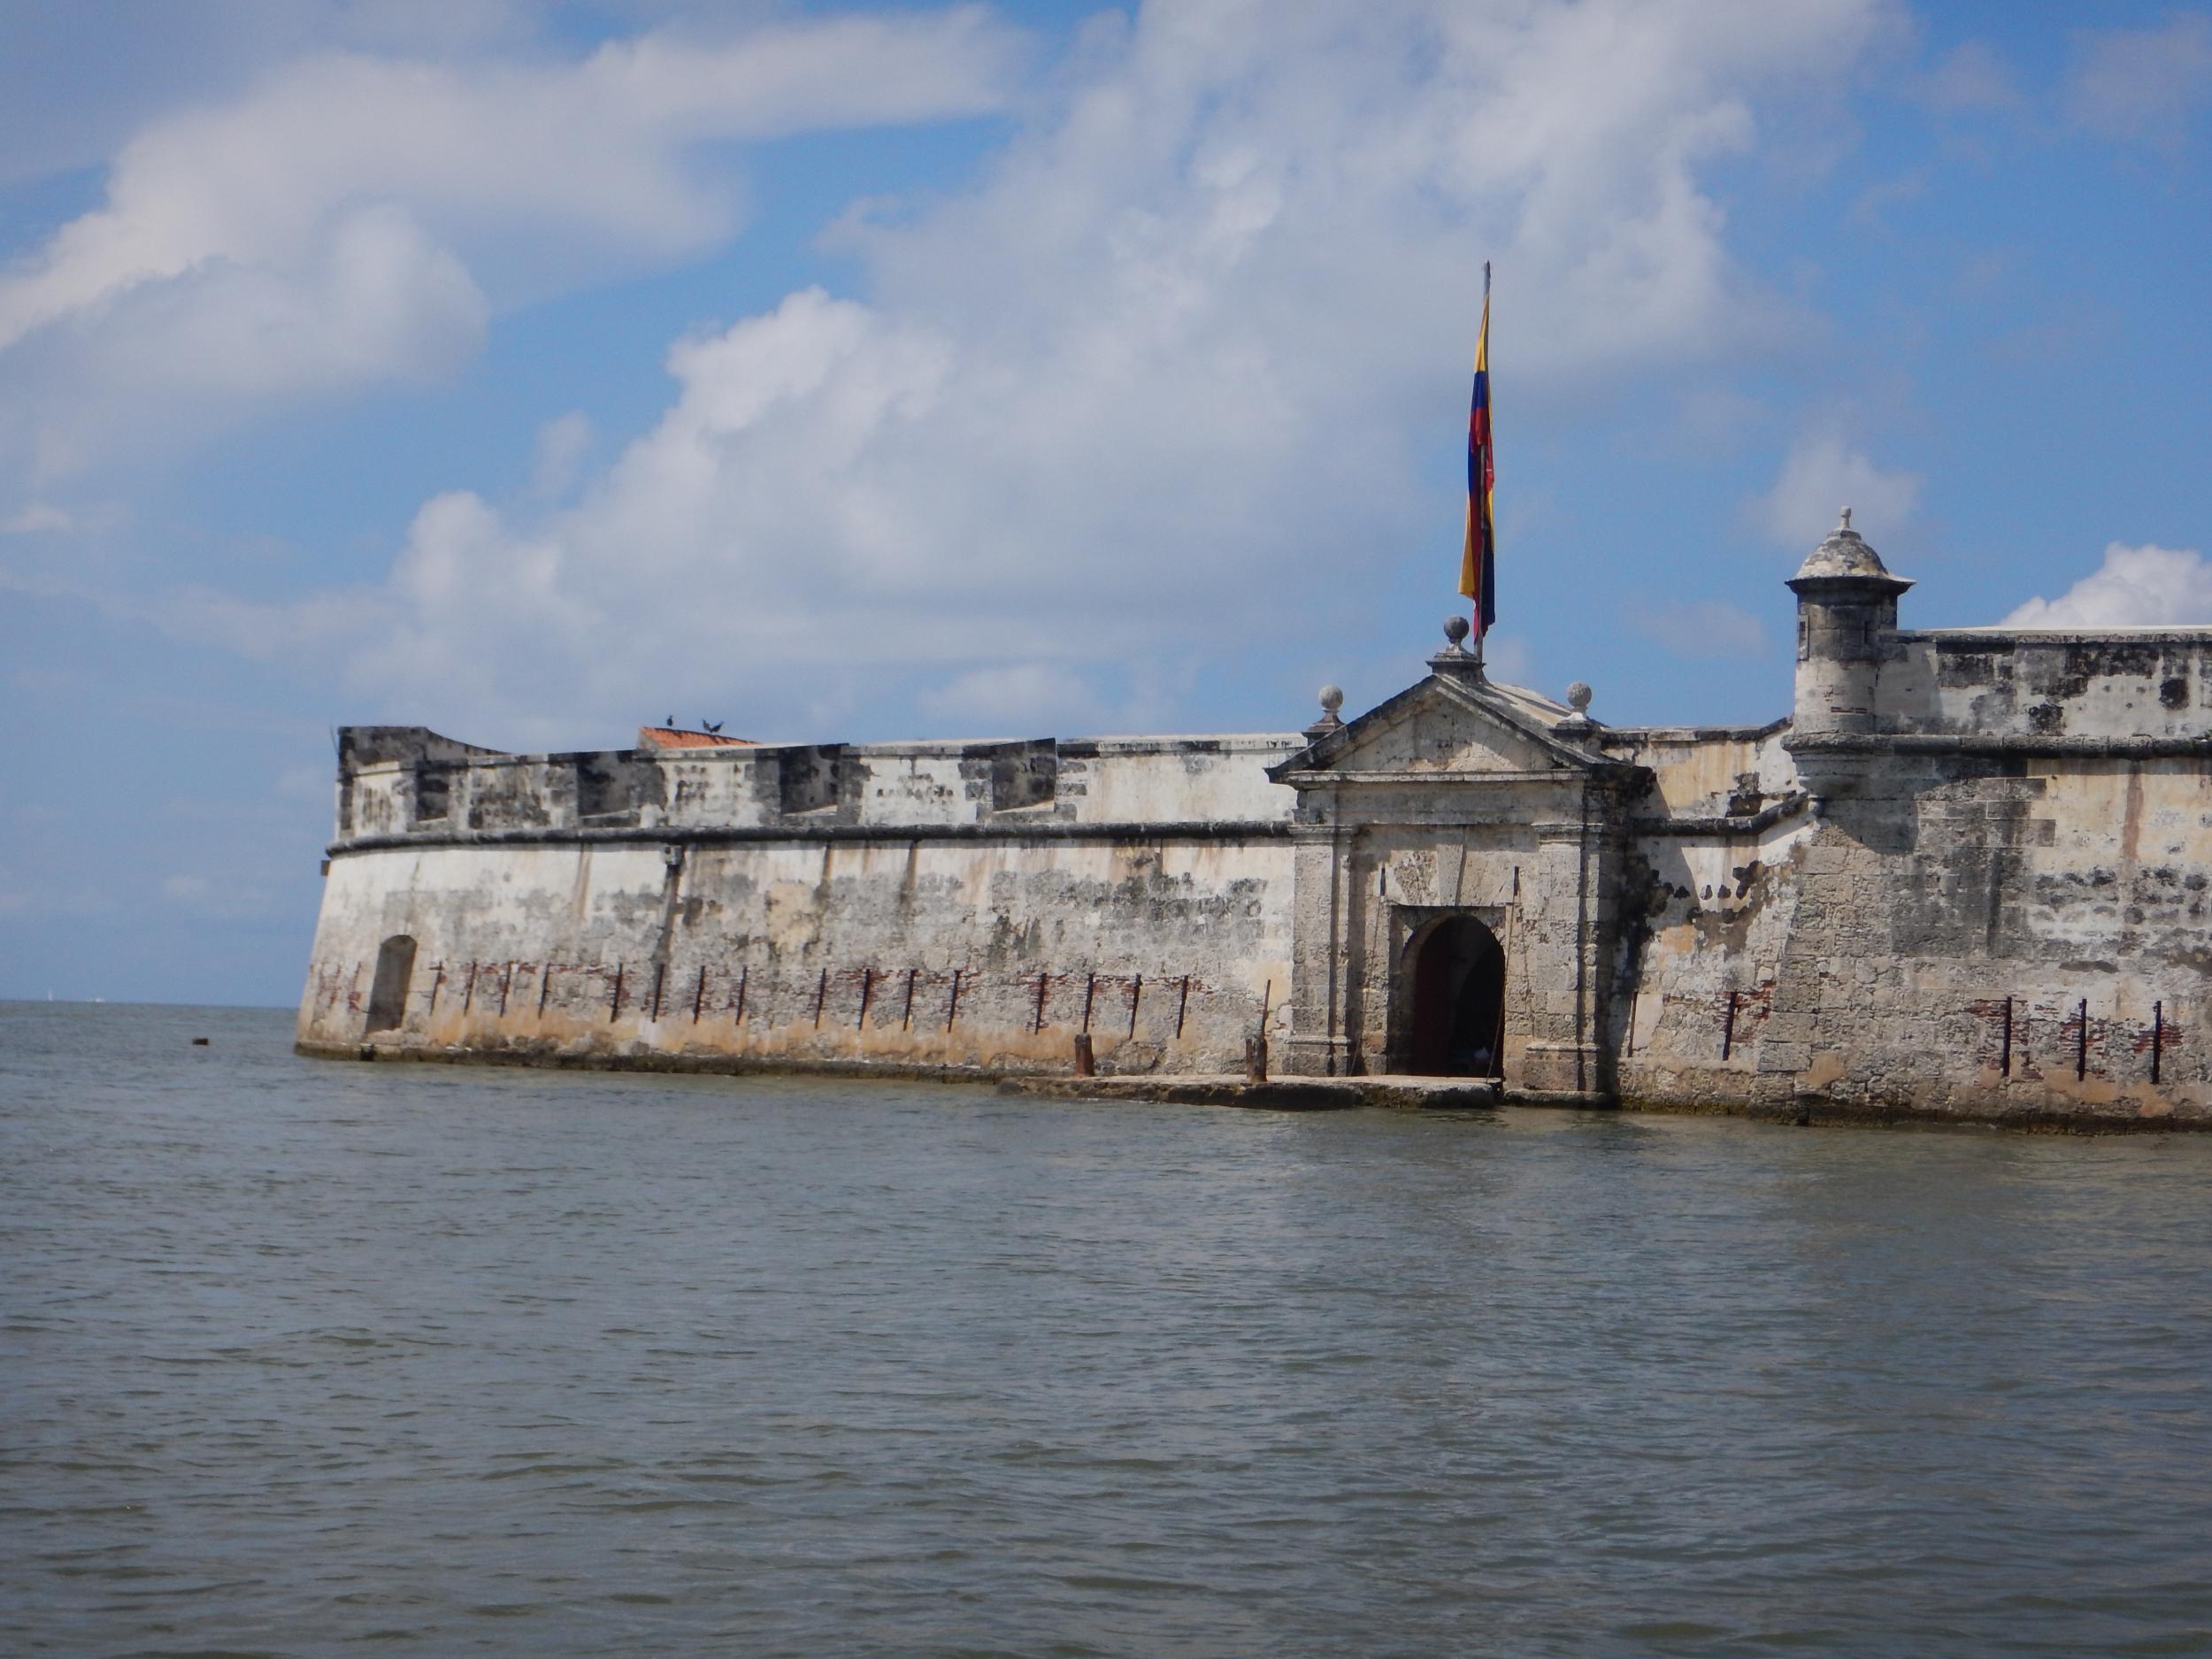 11. The Fort of San Fernando de Bocachica